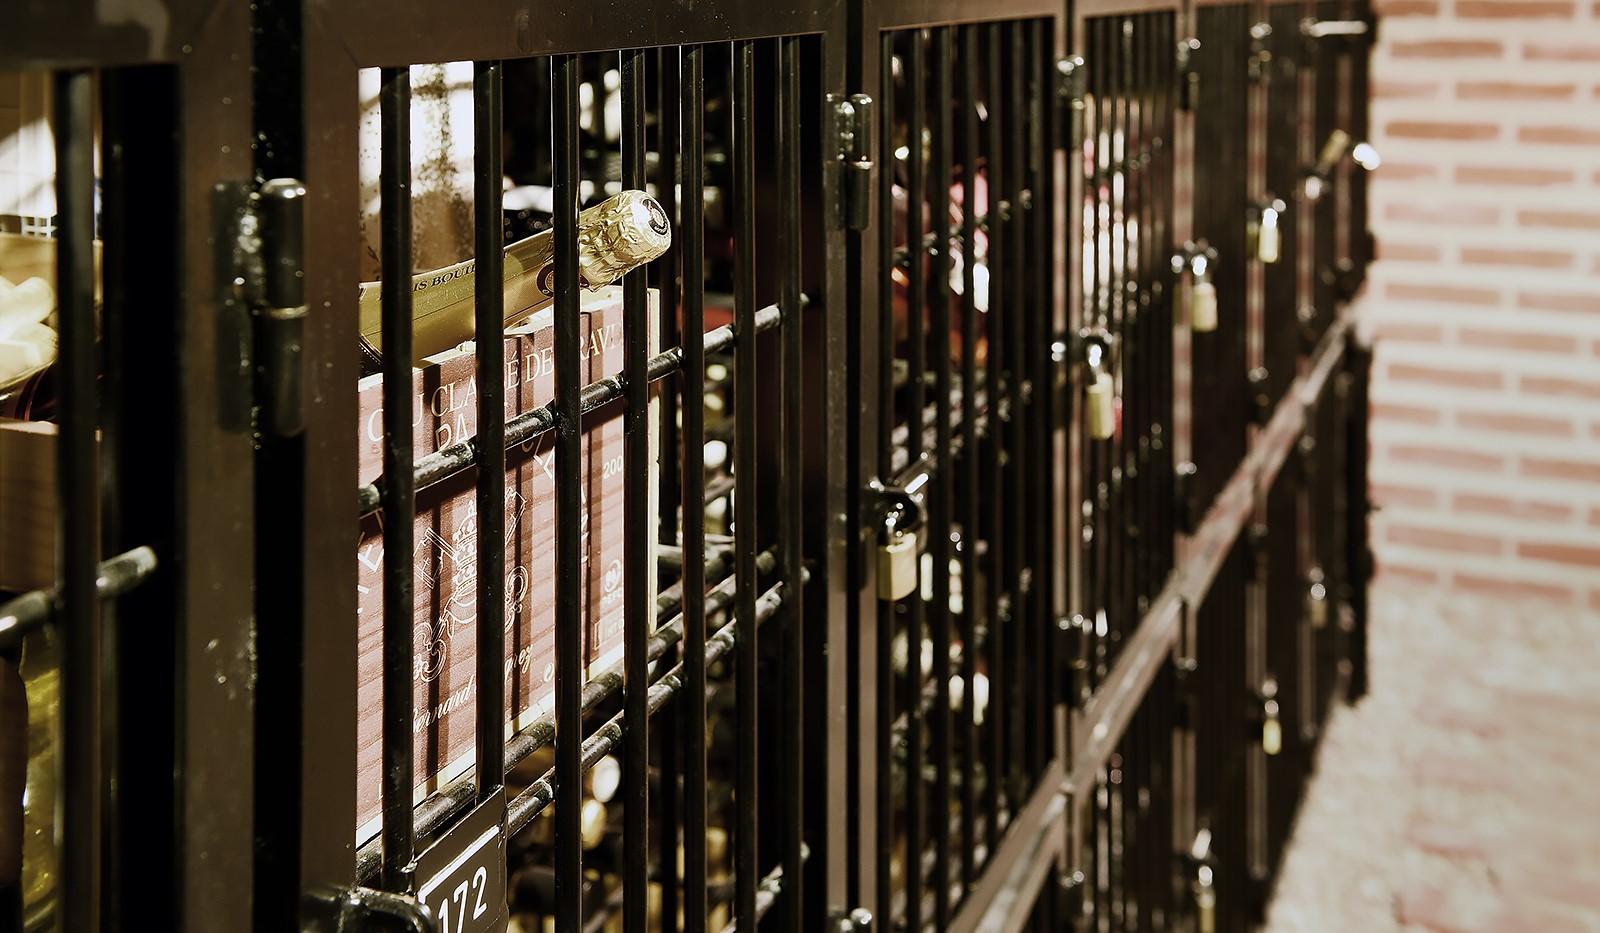 Åsögatan 106 - Föreningens imponerande tempererade vinkällare